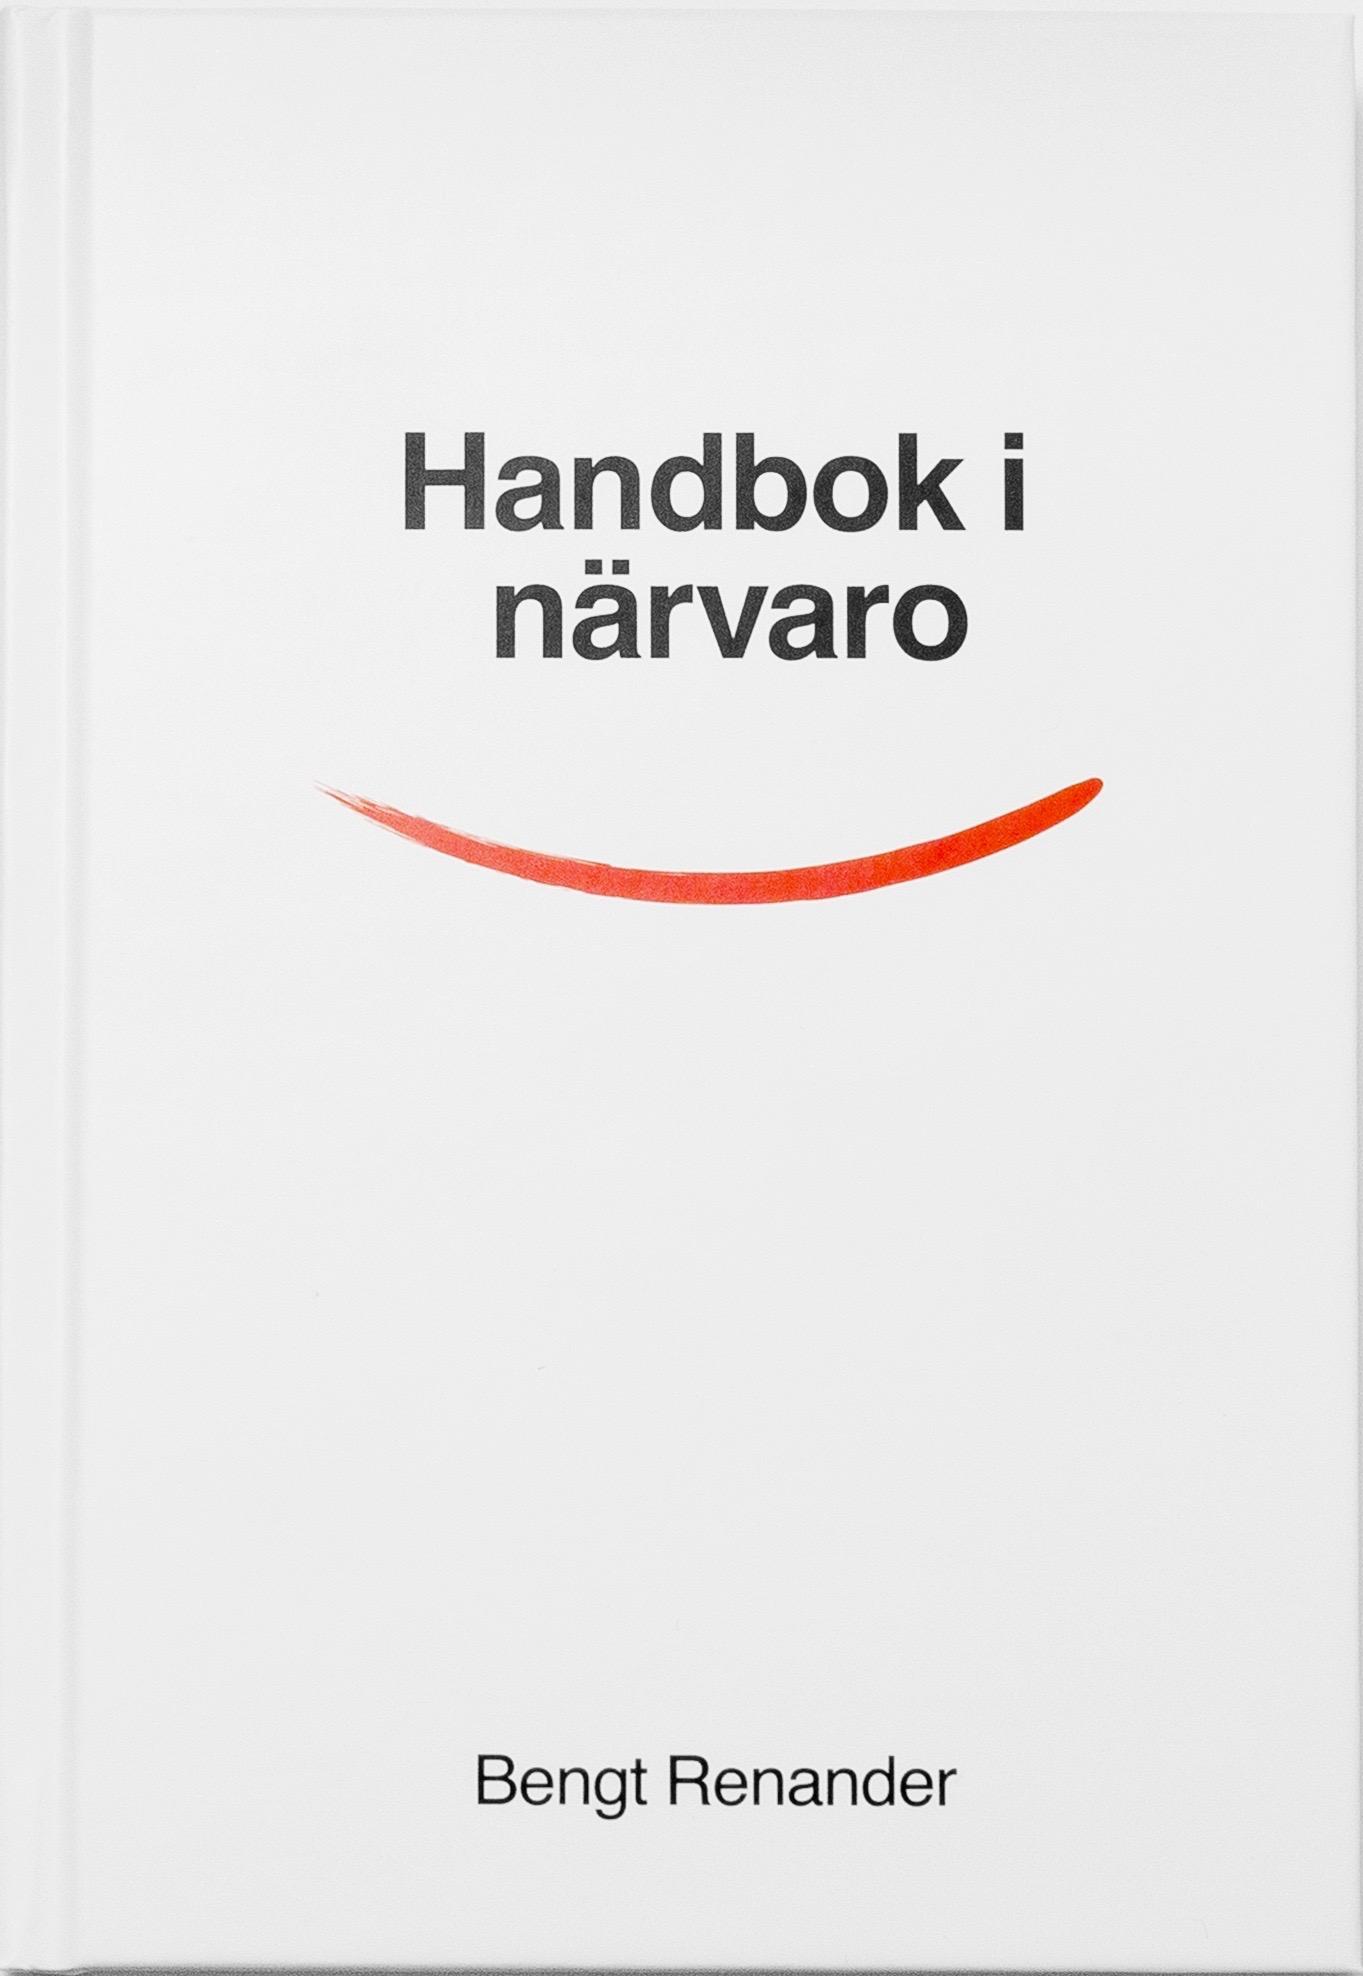 handbok_i_narvaro_front_2